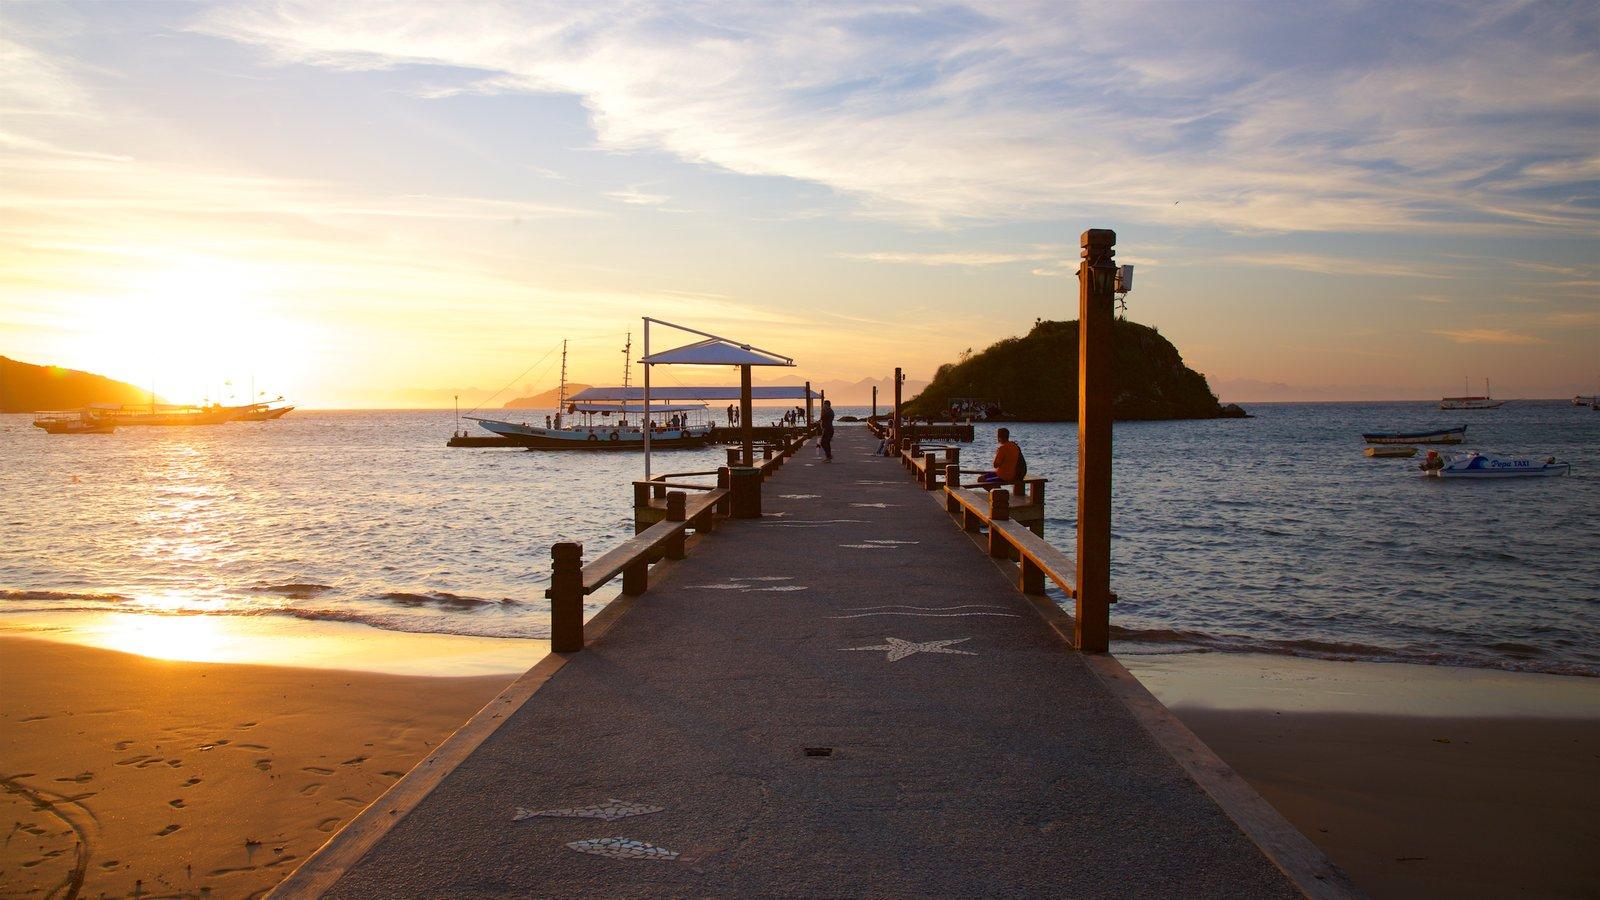 Orla Bardot que inclui uma praia de areia, um pôr do sol e paisagens litorâneas